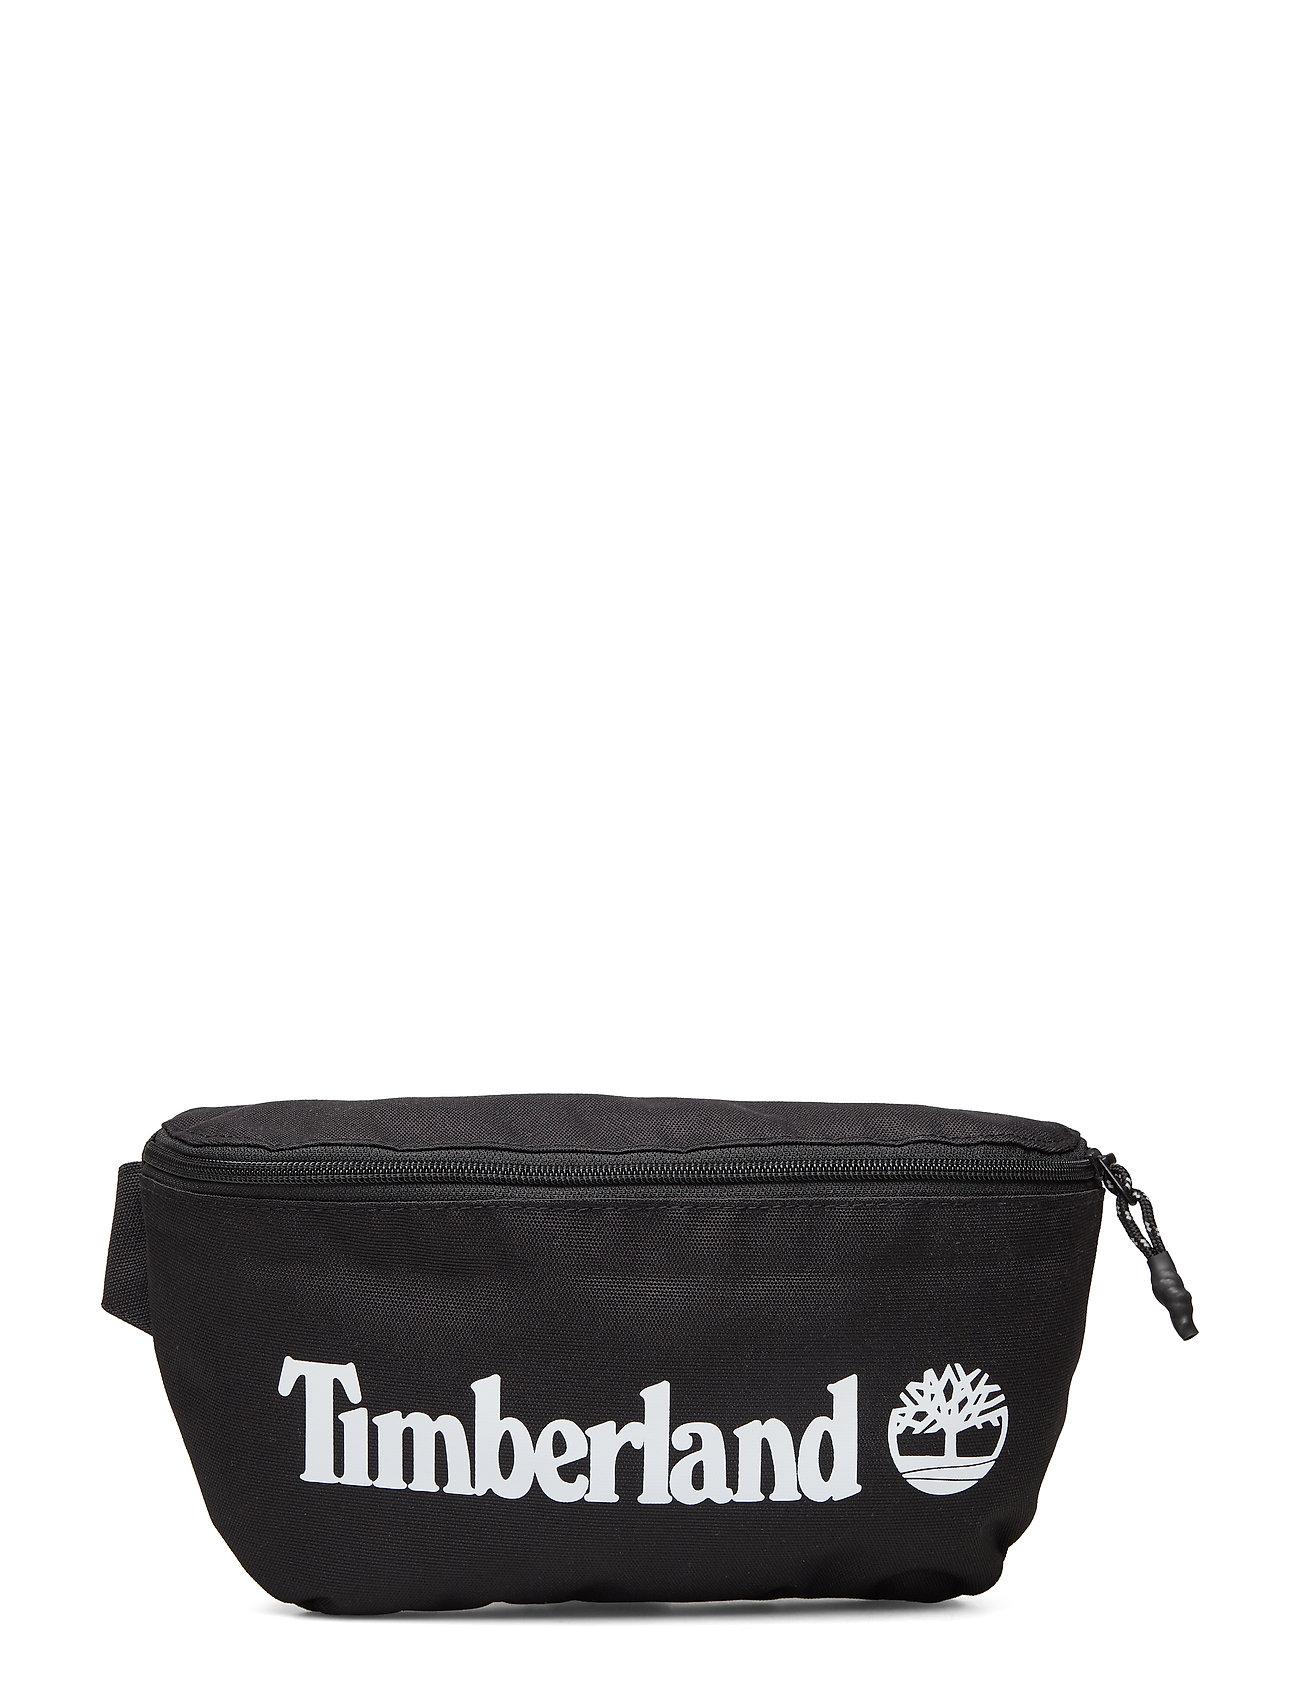 Timberland Sling Bag BLACK - BLACK